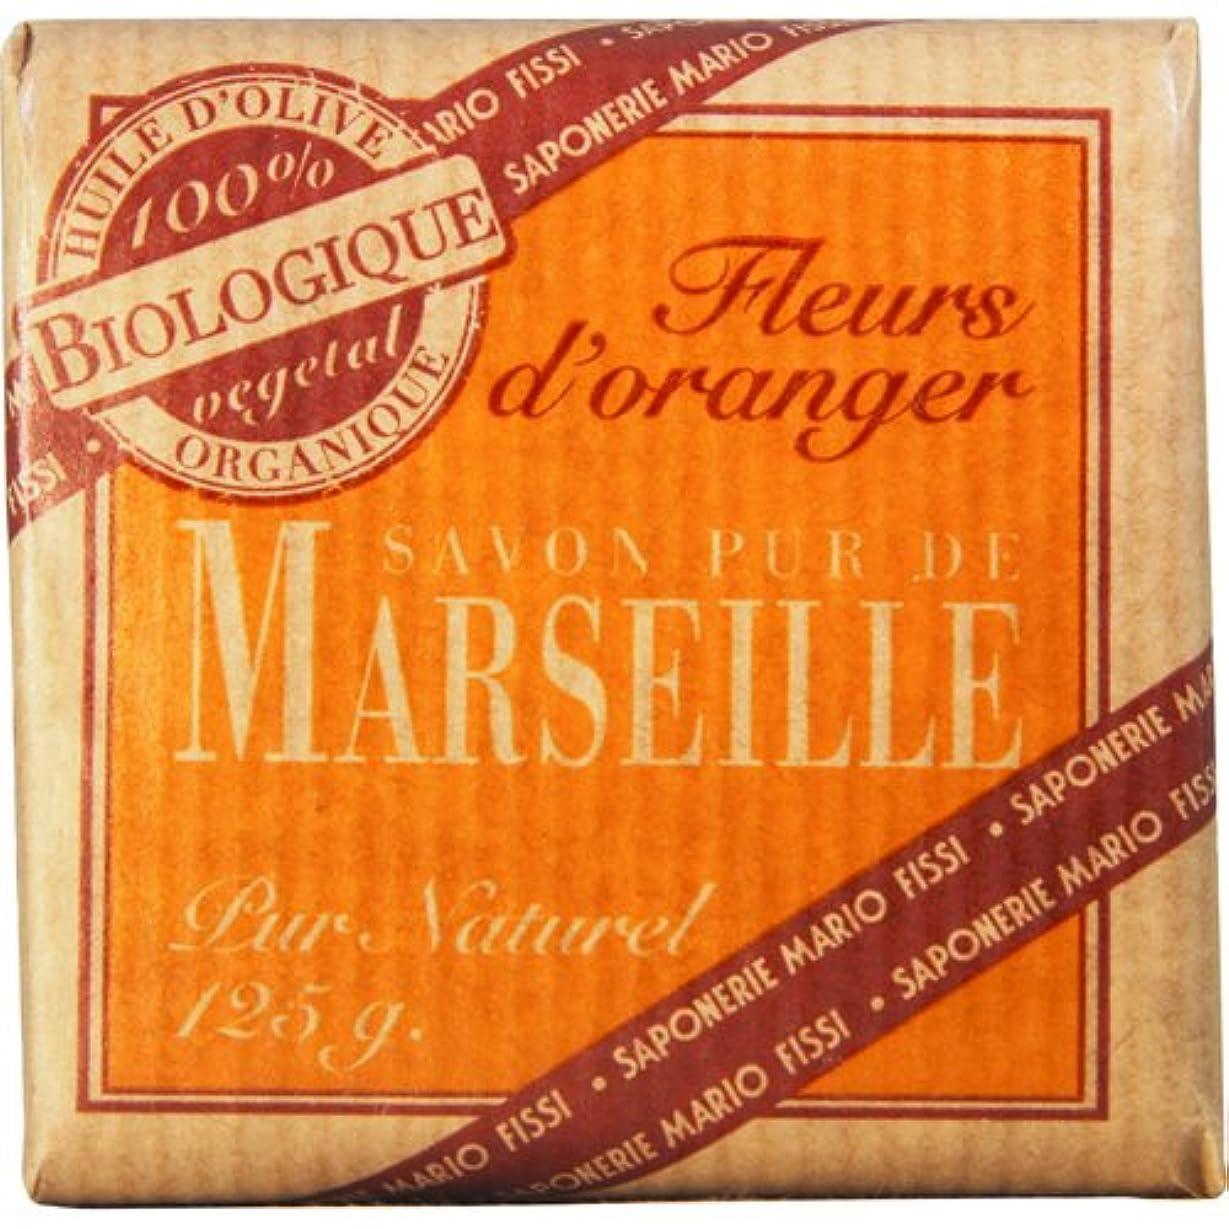 添付もつれピクニックをするSaponerire Fissi マルセイユシリーズ マルセイユソープ 125g Orange Flower オレンジフラワー